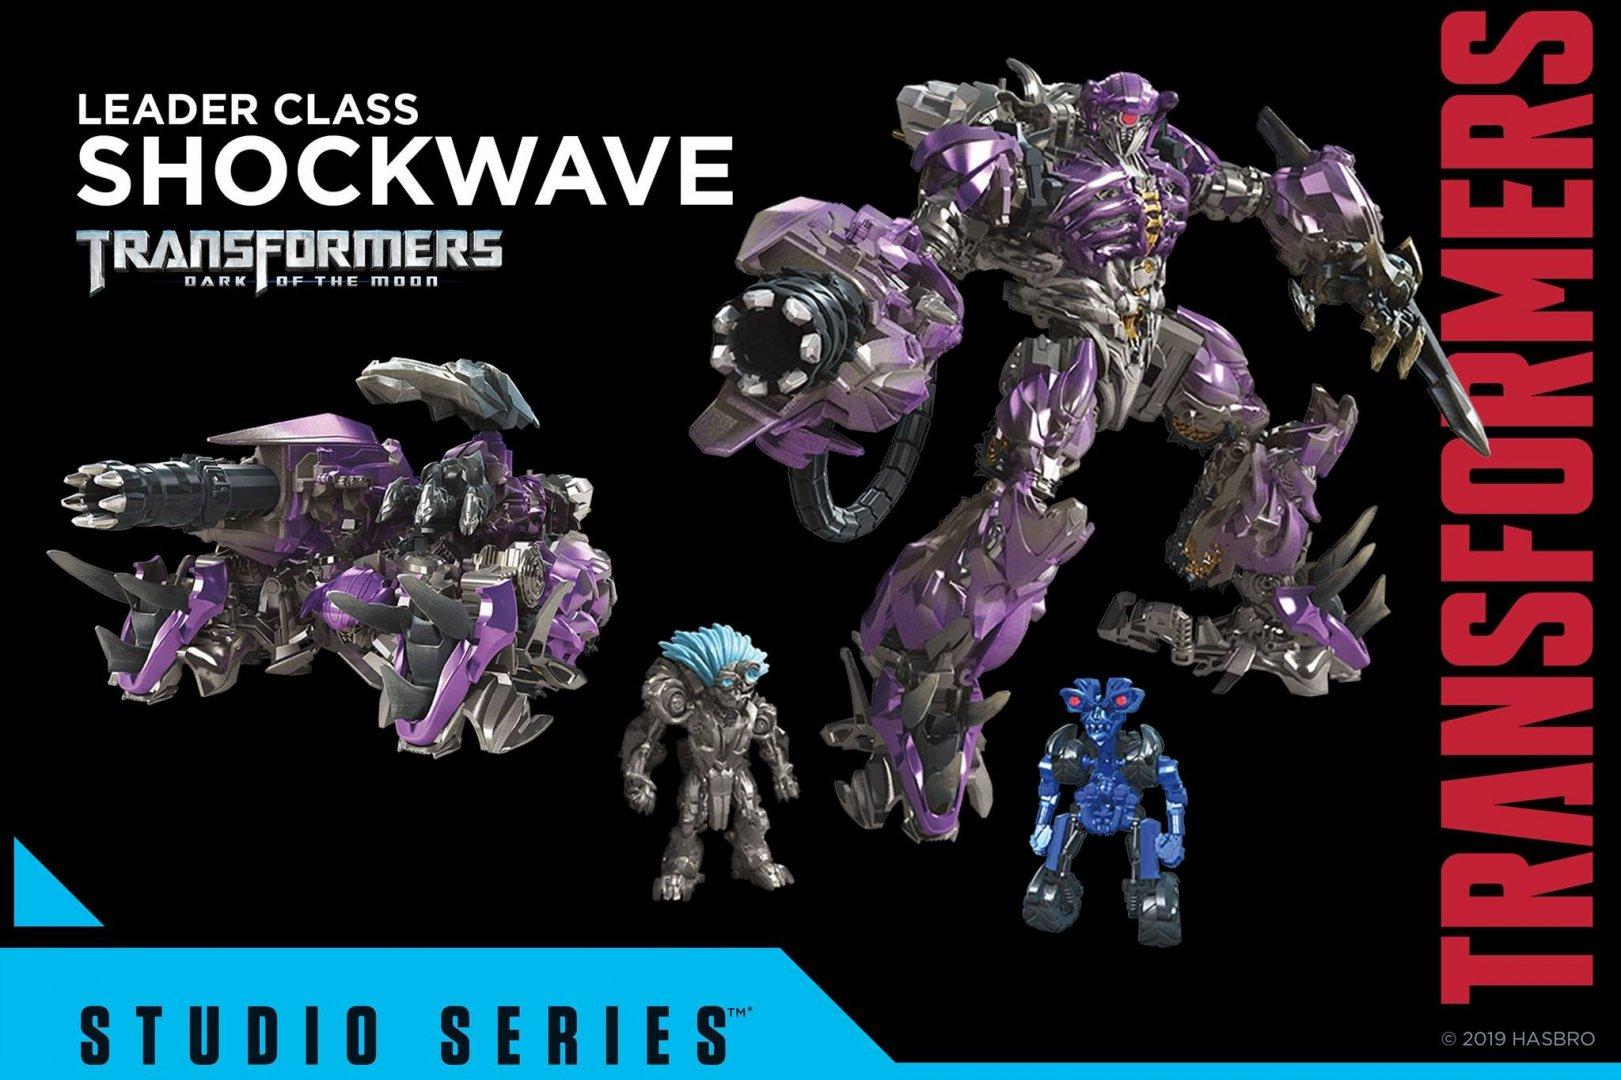 SS-Shockwave.thumb.jpg.7b27ead6242da1a5a1f80a96e3a6f4d2.jpg